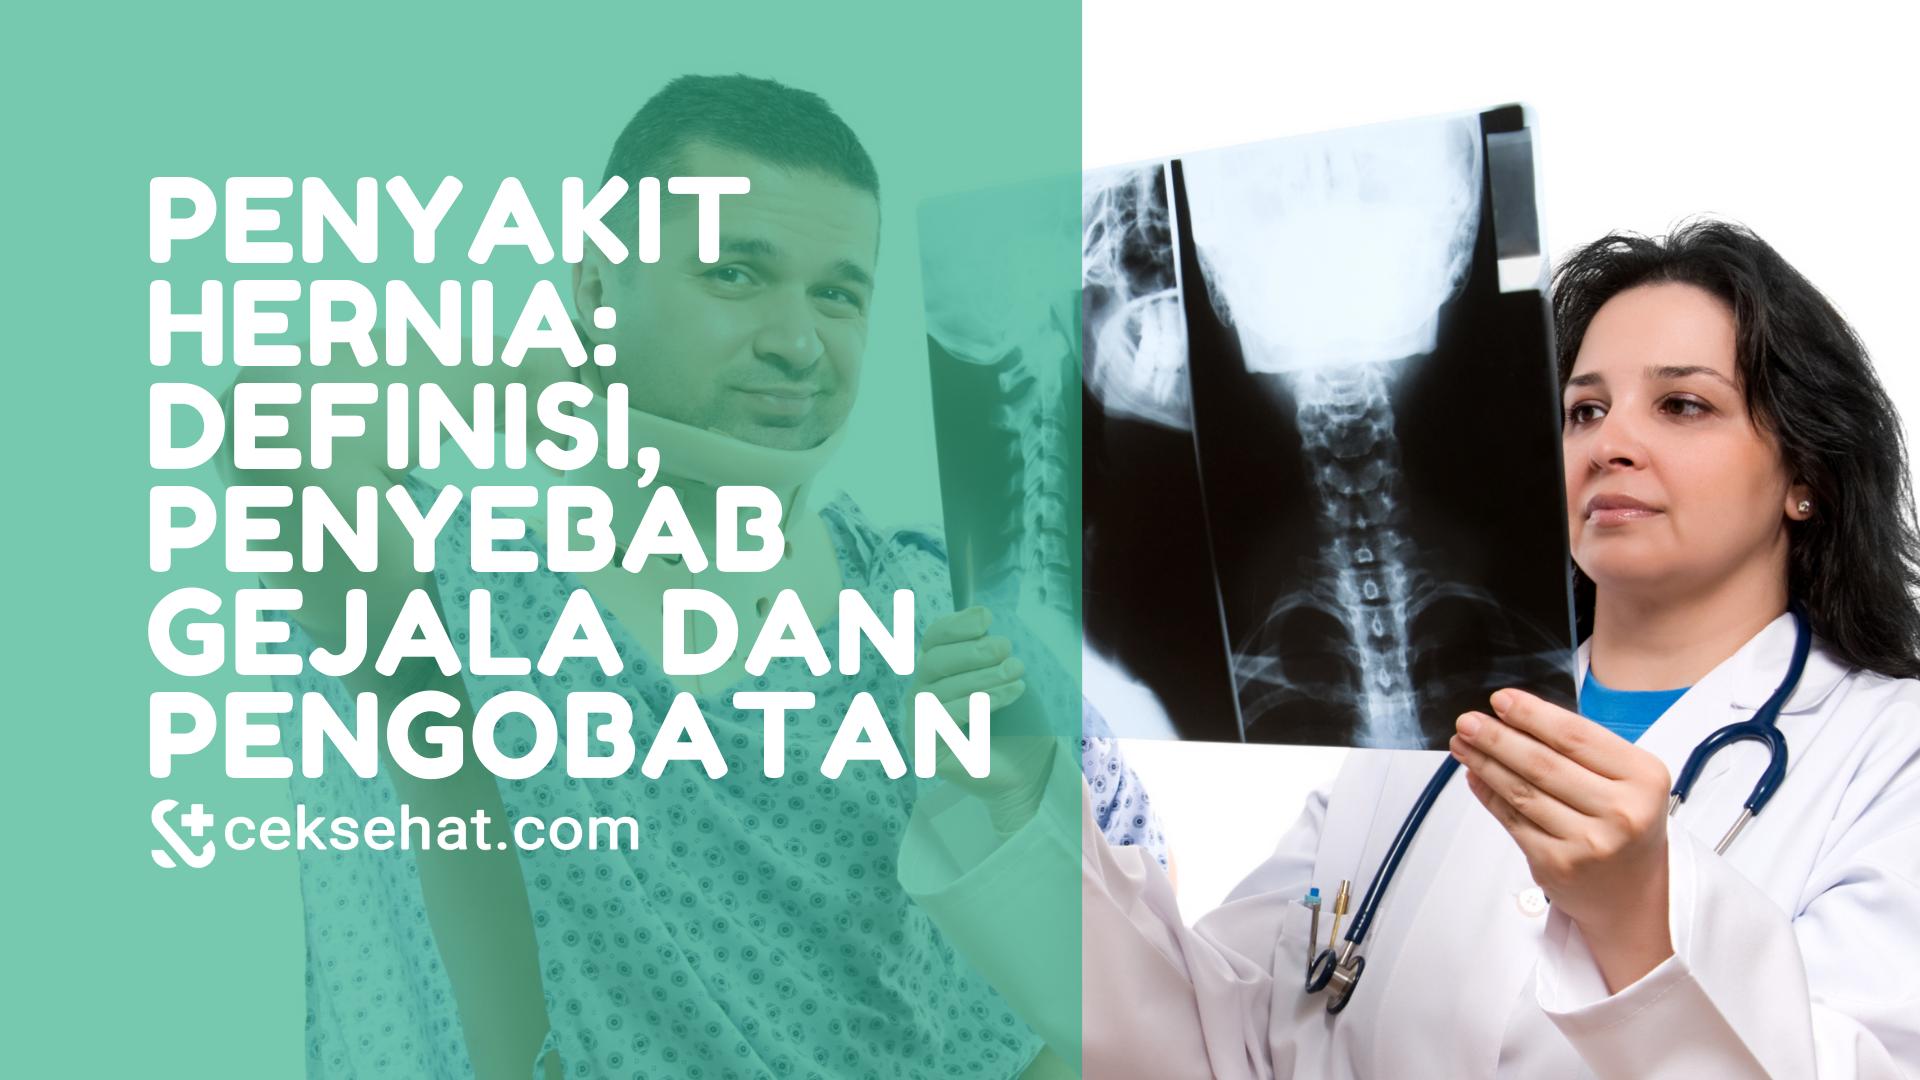 penyakit-hernia-definisi-penyebab-gejala-dan-pengobatan